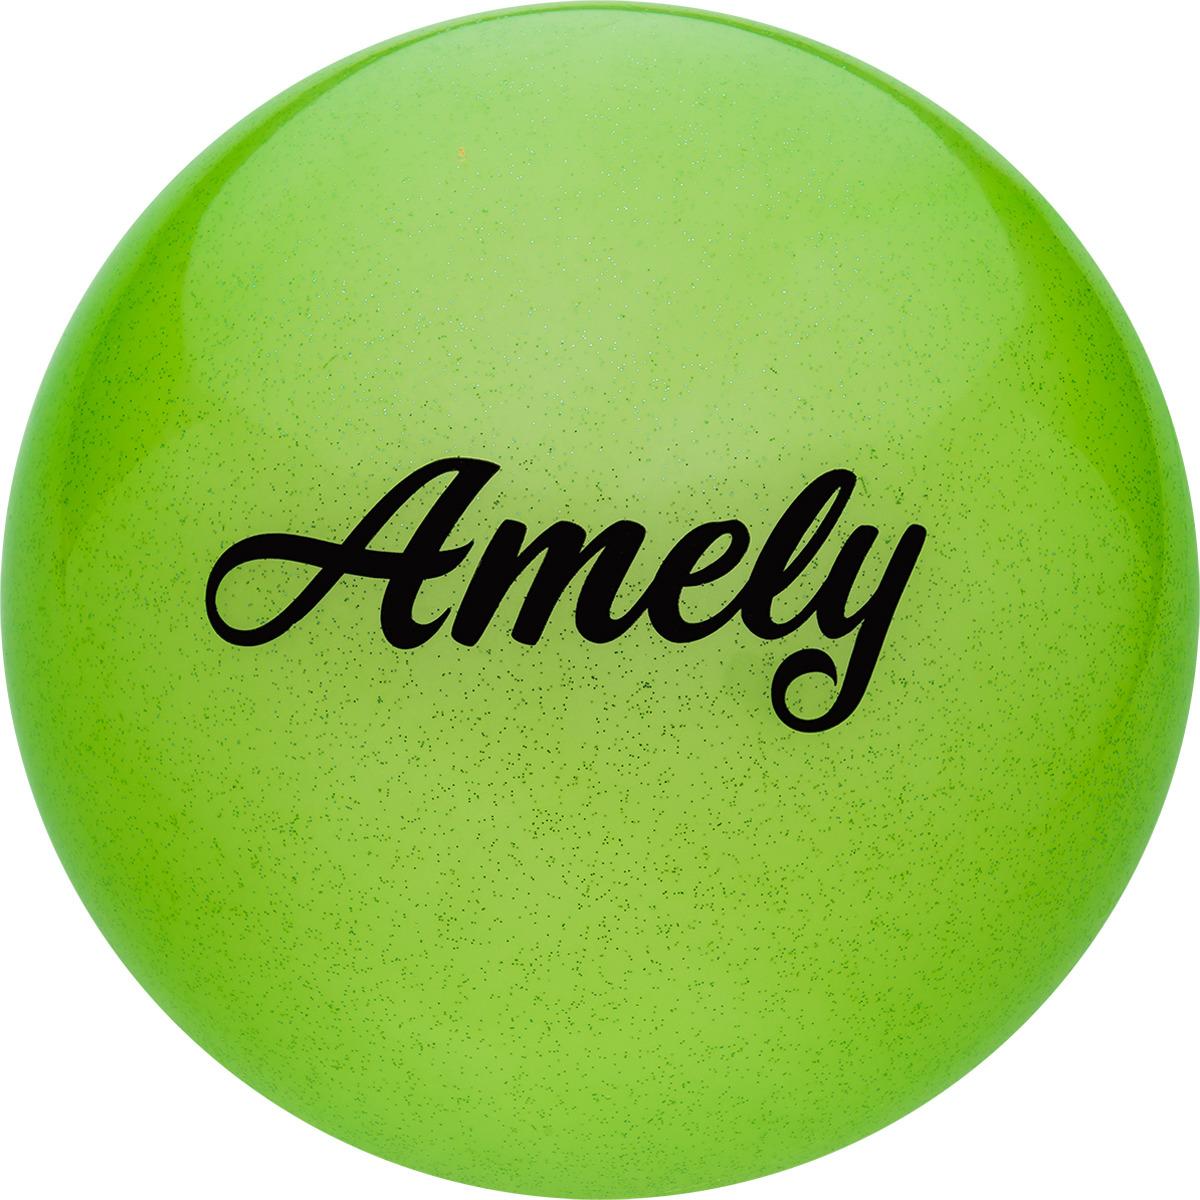 Мяч для художественной гимнастики Amely AGR-102, диаметр 19 см, цвет: зеленый с блестками лента для художественной гимнастики amely agr 201 длина 6 м с палочкой 56 см цвет фиолетовый